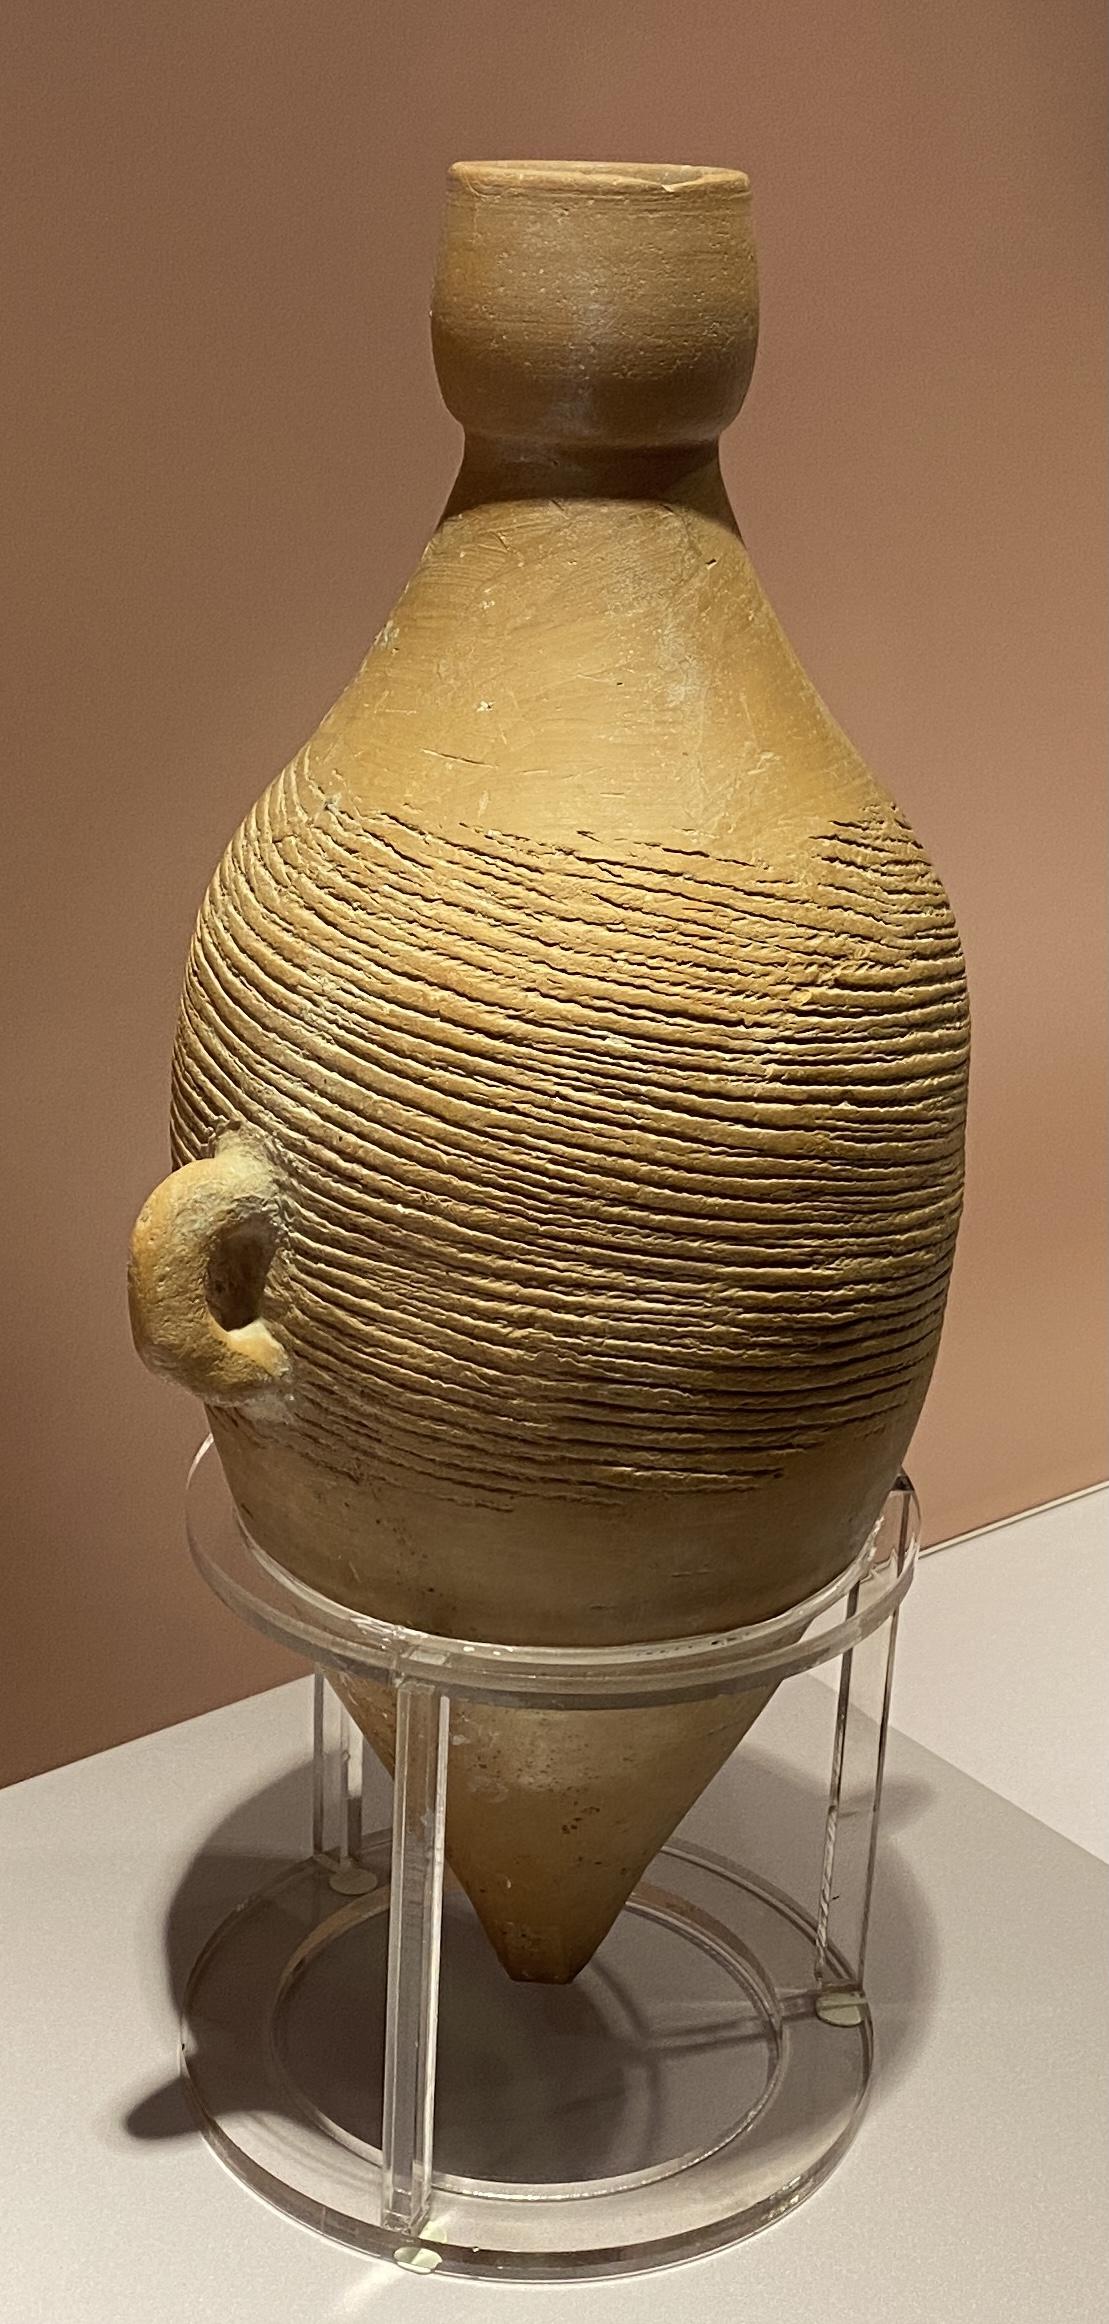 双耳小口尖底瓶-新石器時代-仰韶文化-特別展【食味人間】四川博物院・中国国家博物館